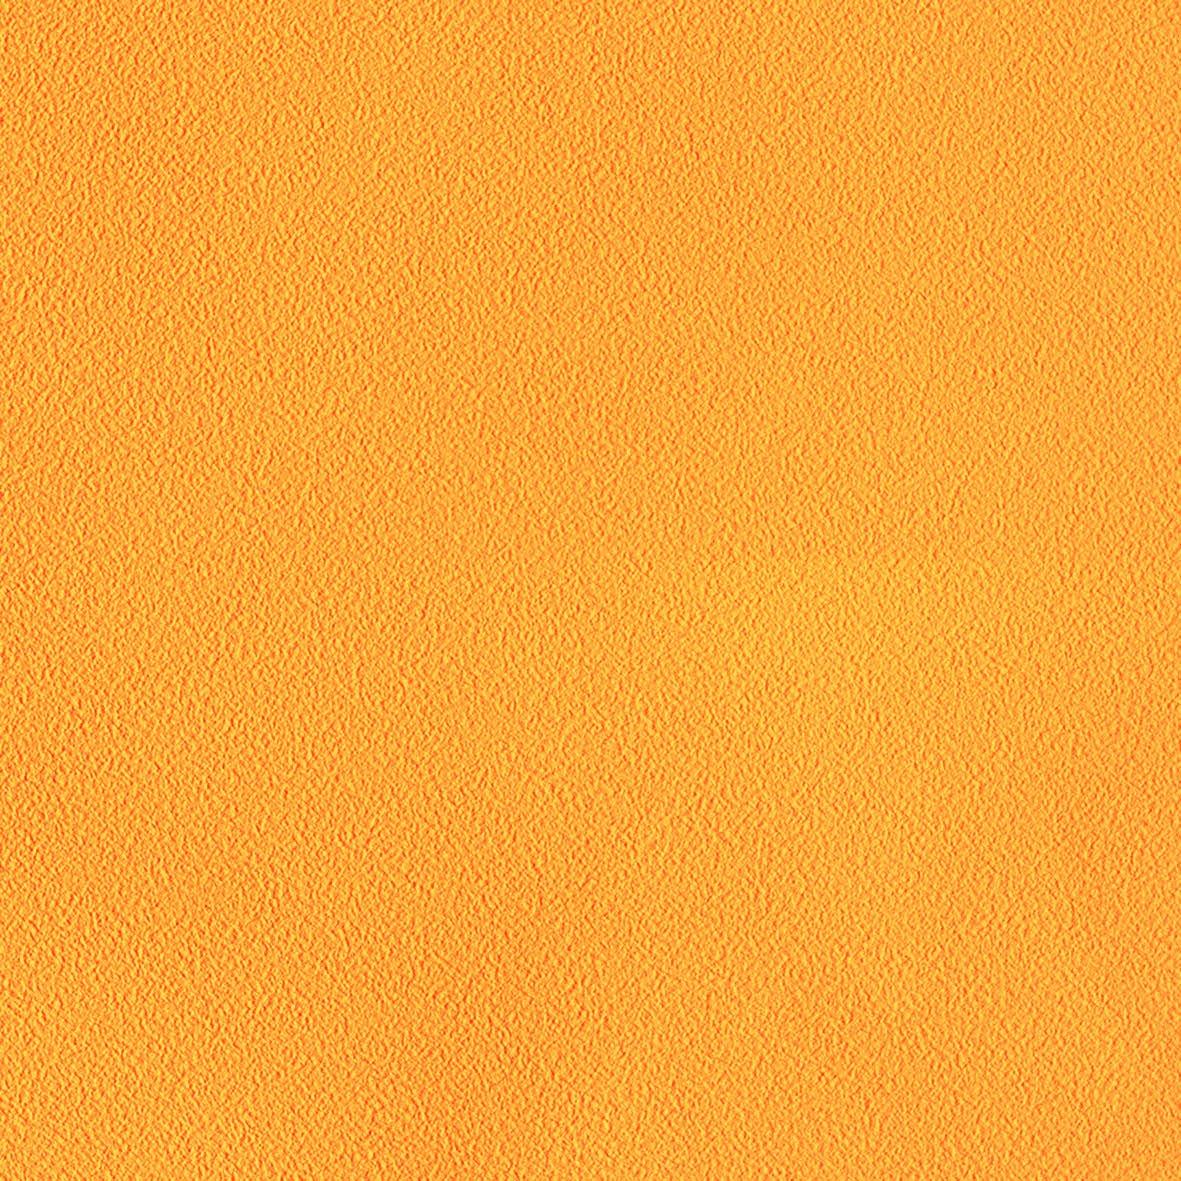 リリカラ 壁紙31m シンフル 無地 イエロー LL-8736 B01N0218ZK 31m,イエロー